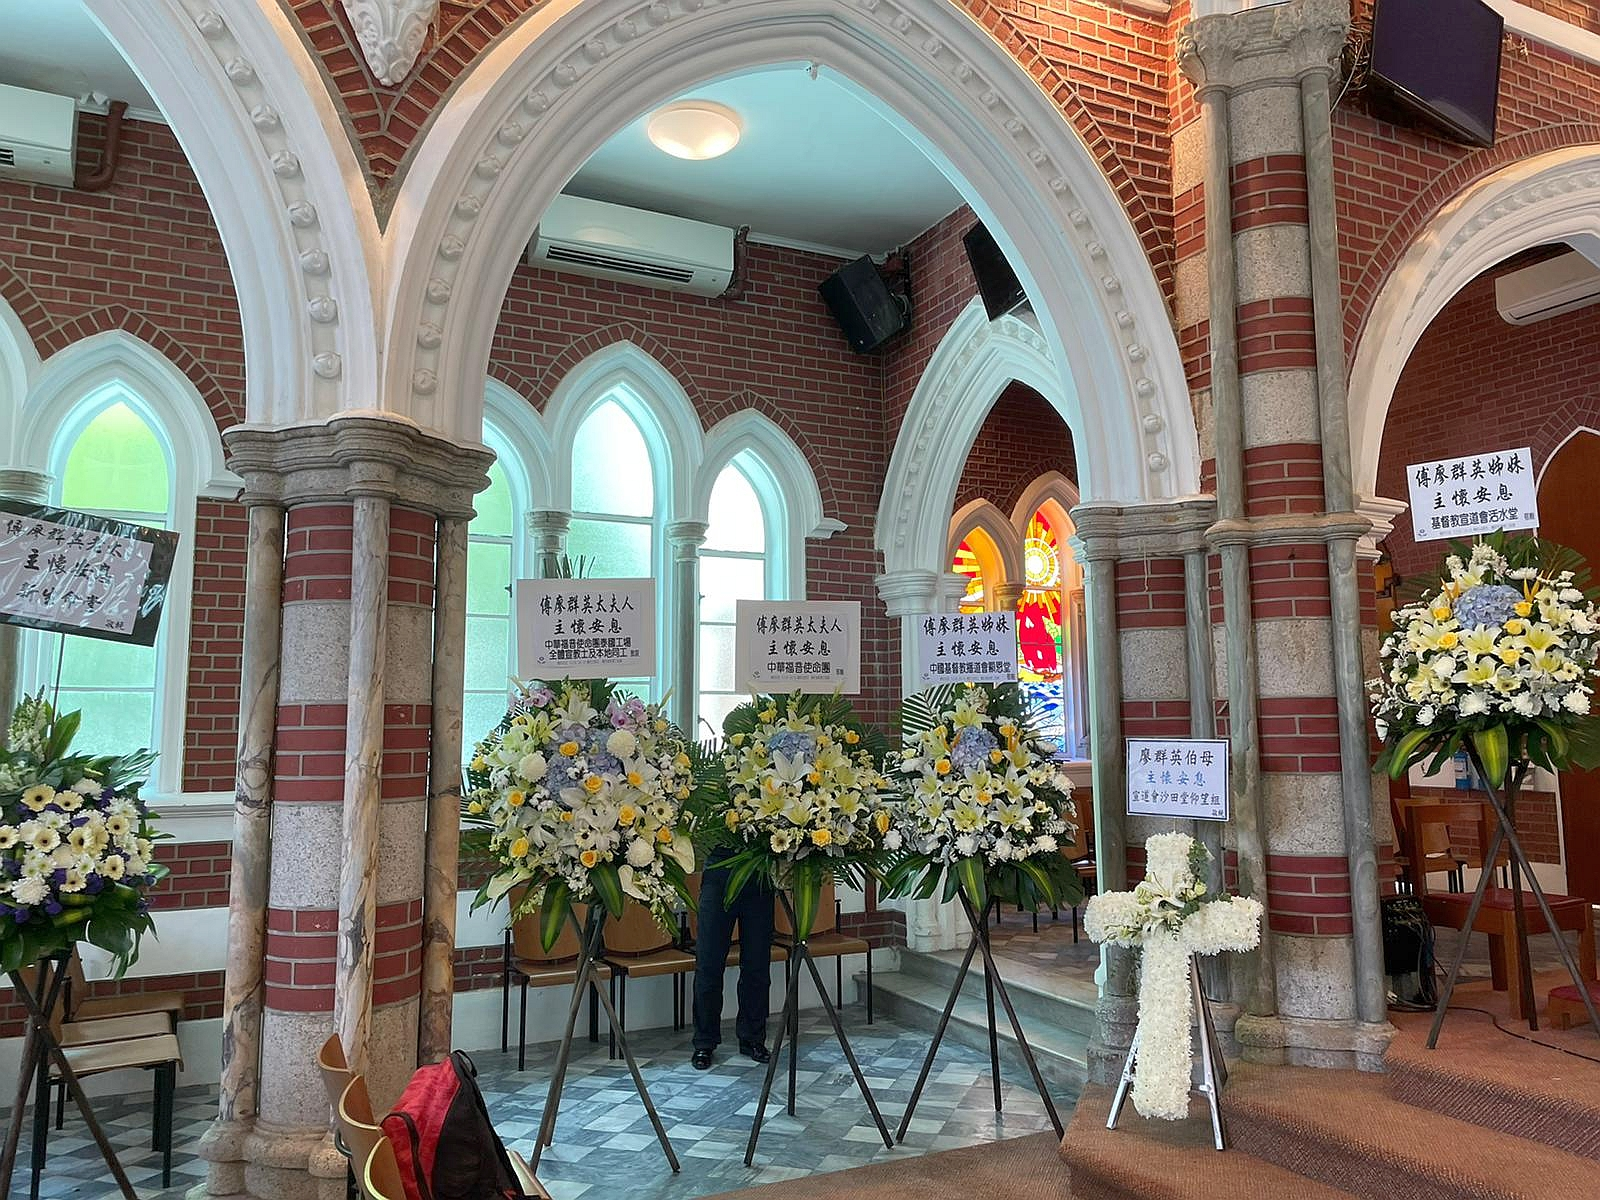 美麗的教堂 照片中間的兩座花牌 分別是中福團及泰國工場的心意